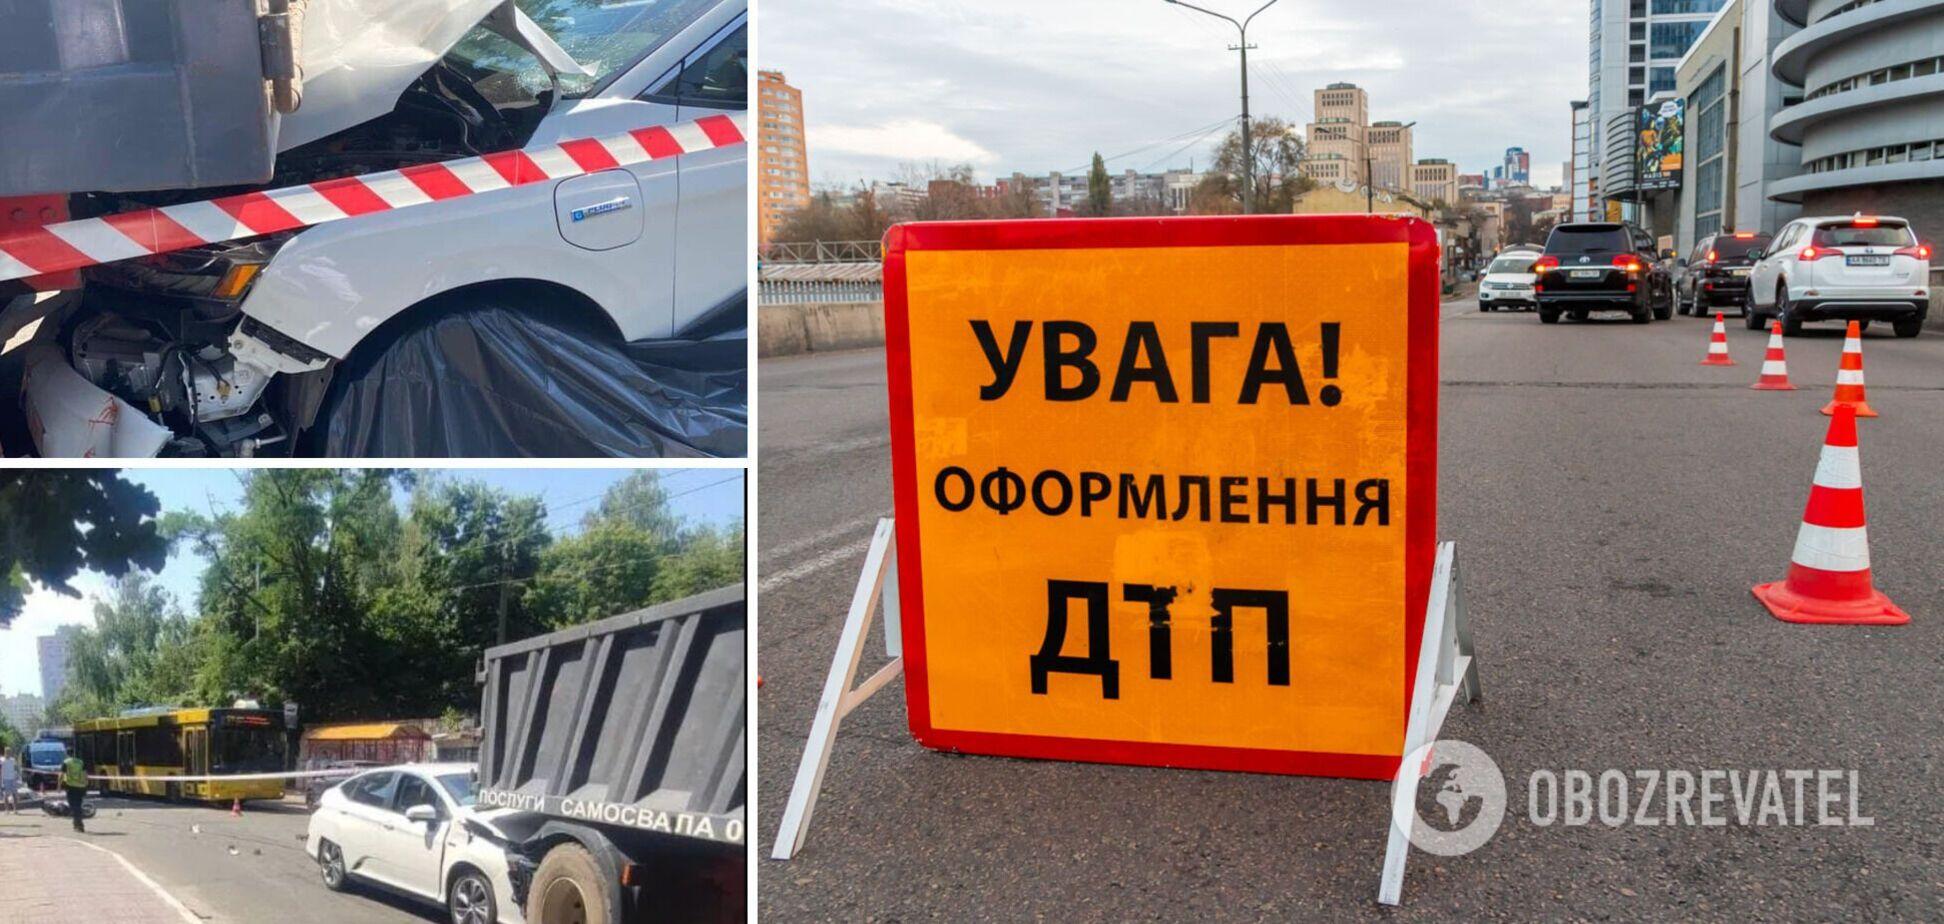 Авто не можуть розминутися, немає переходу й освітлення: деталі про перехрестя, де збили мотоциклістку